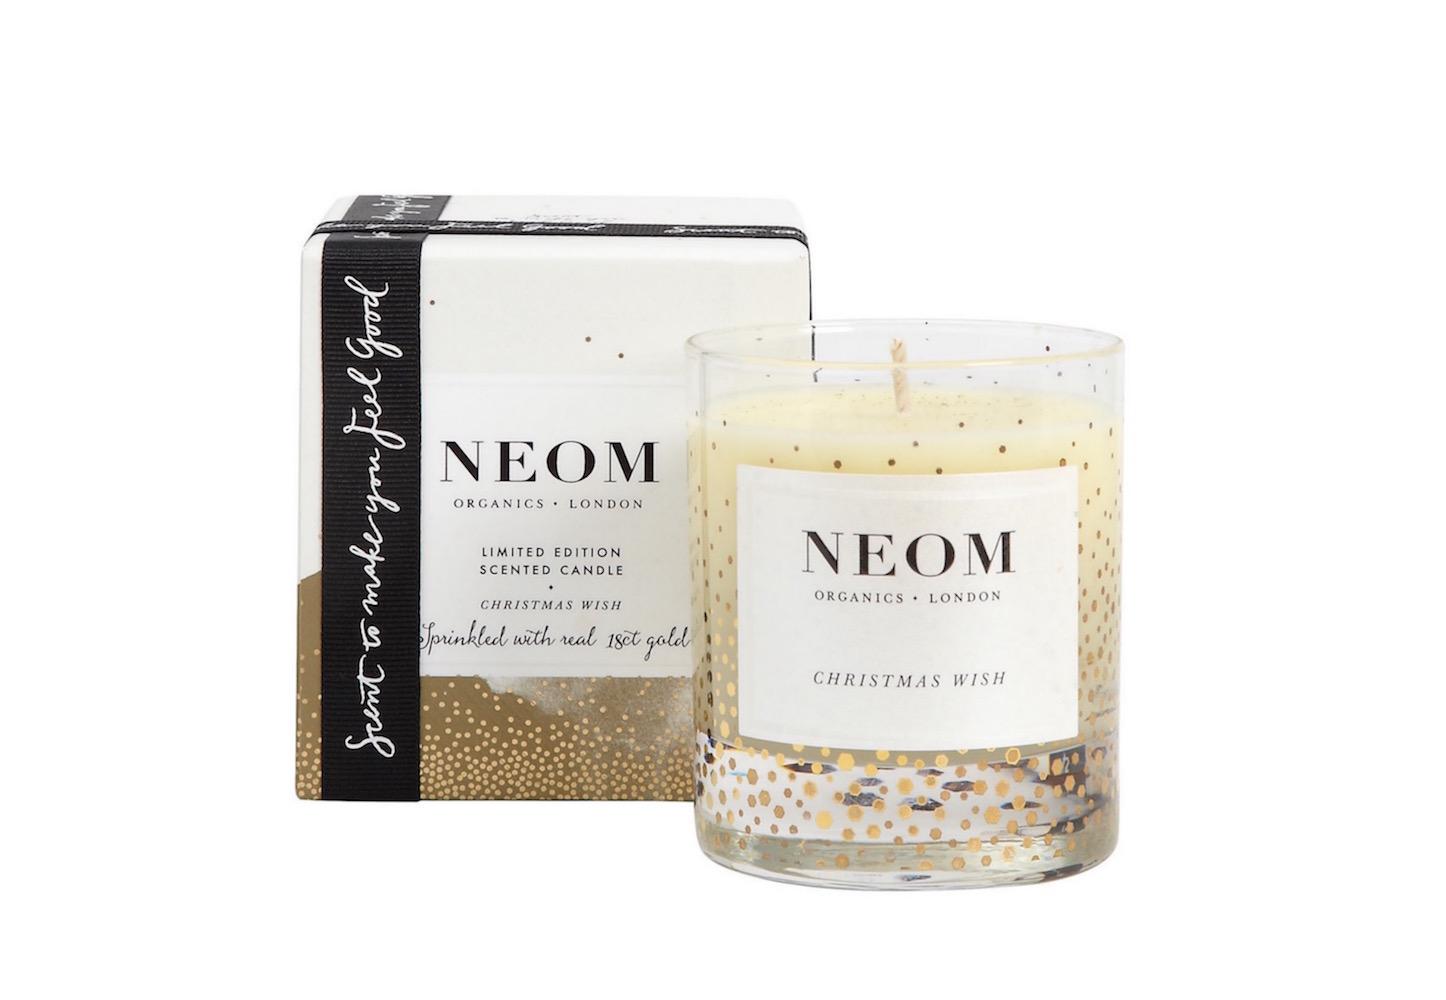 Vánoční svíčka Christmas Wish od londýnské značky Neom Organics voní po 13 esenciálních olejích s protistresovými účinky.